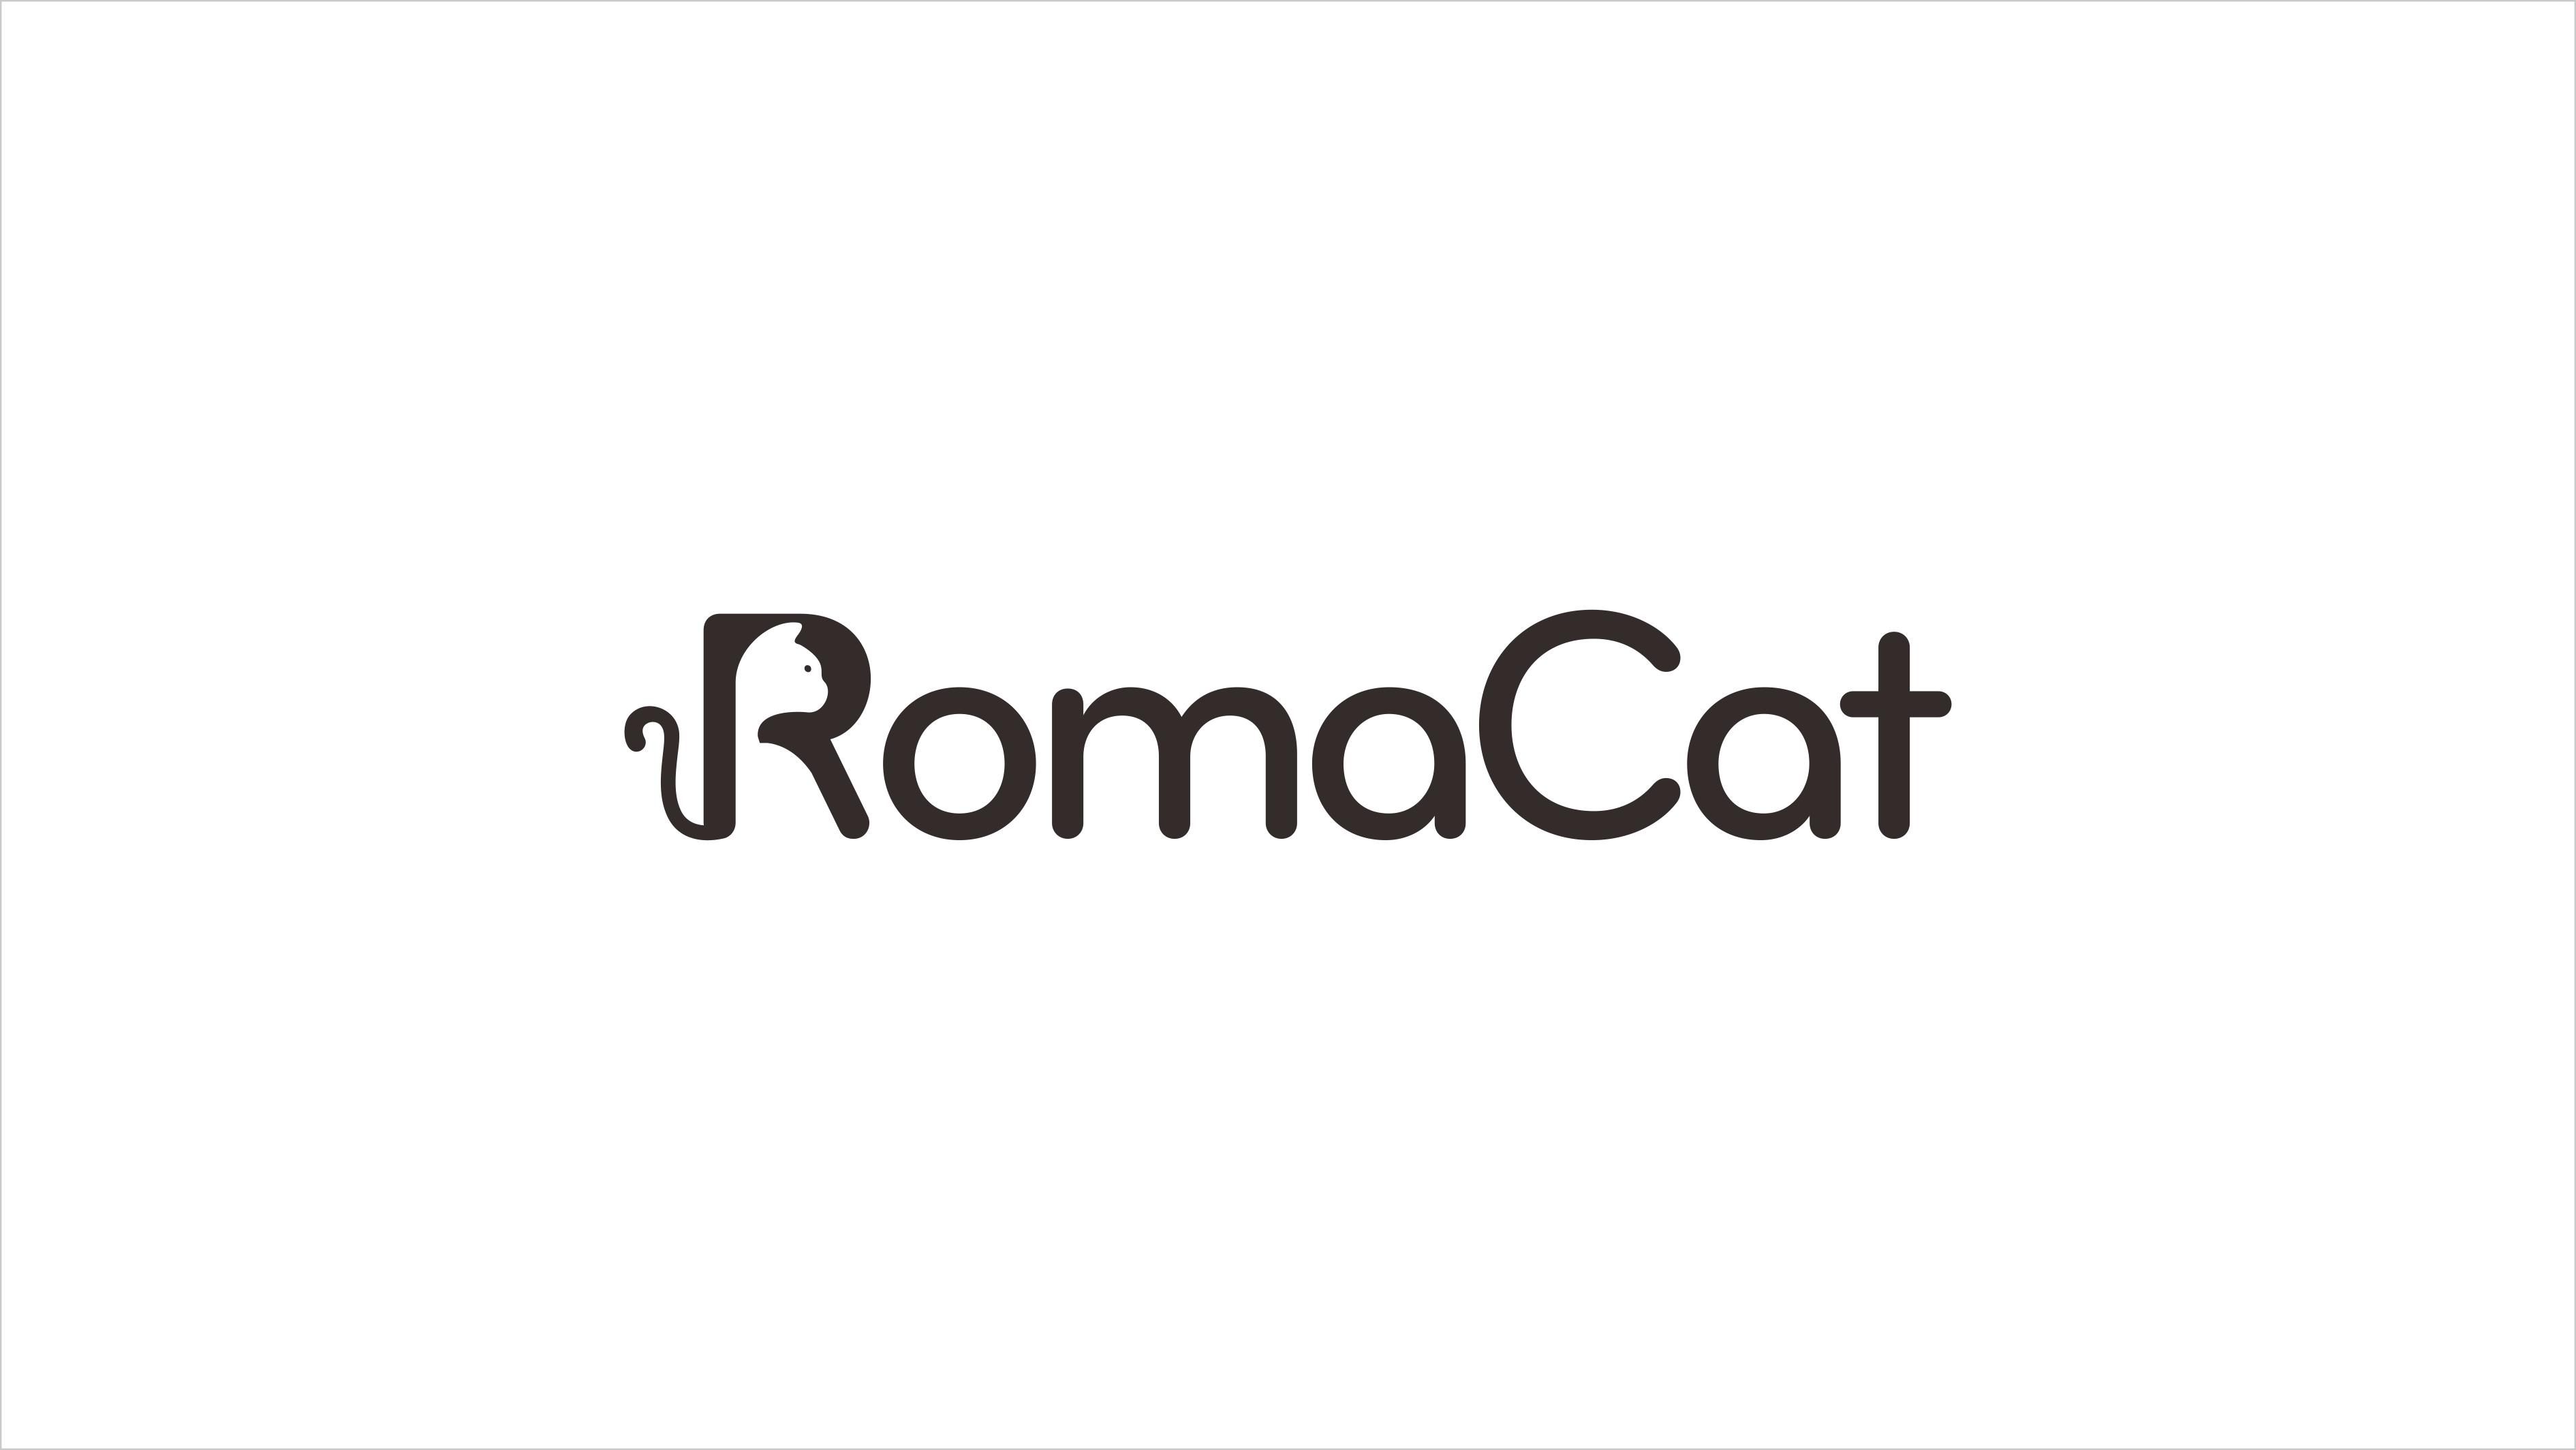 Roma CatLOGO设计